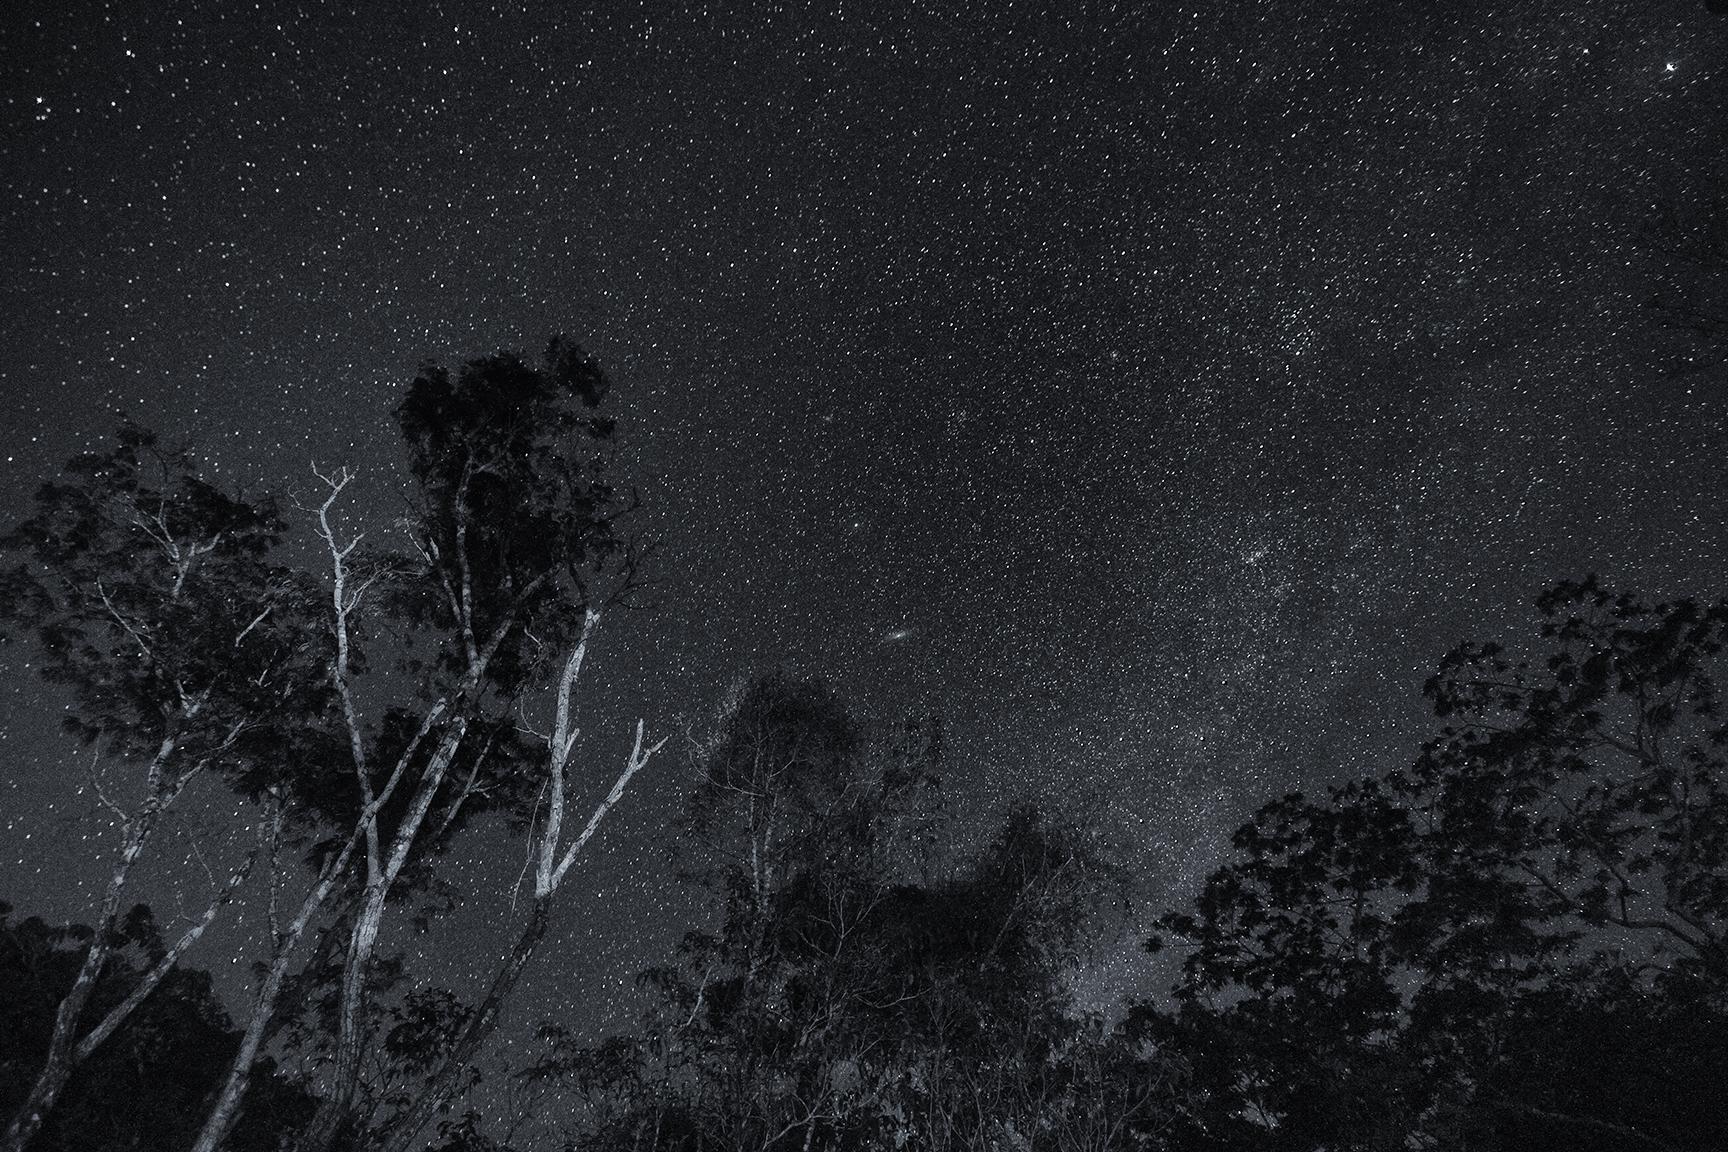 Hình nền : Bầu trời, không khí, thiên nhiên, đen và trắng, Nhiếp ảnh đơn sắc, bóng tối, Đối tượng thiên văn, ngôi sao, nhiếp ảnh, Bầu khí quyển của trái đất ...